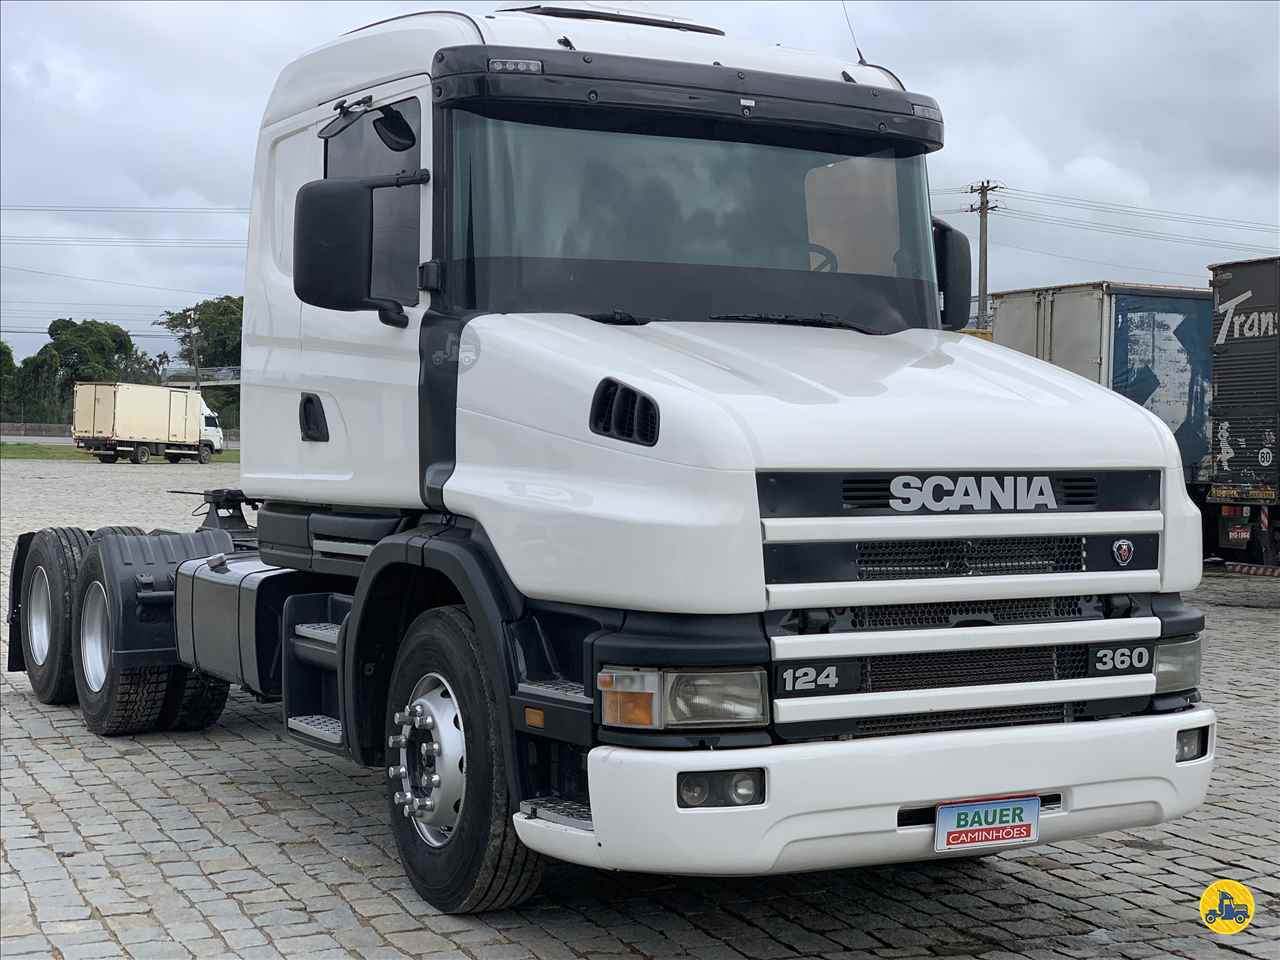 SCANIA SCANIA 124 360  2001/2002 Bauer Caminhões